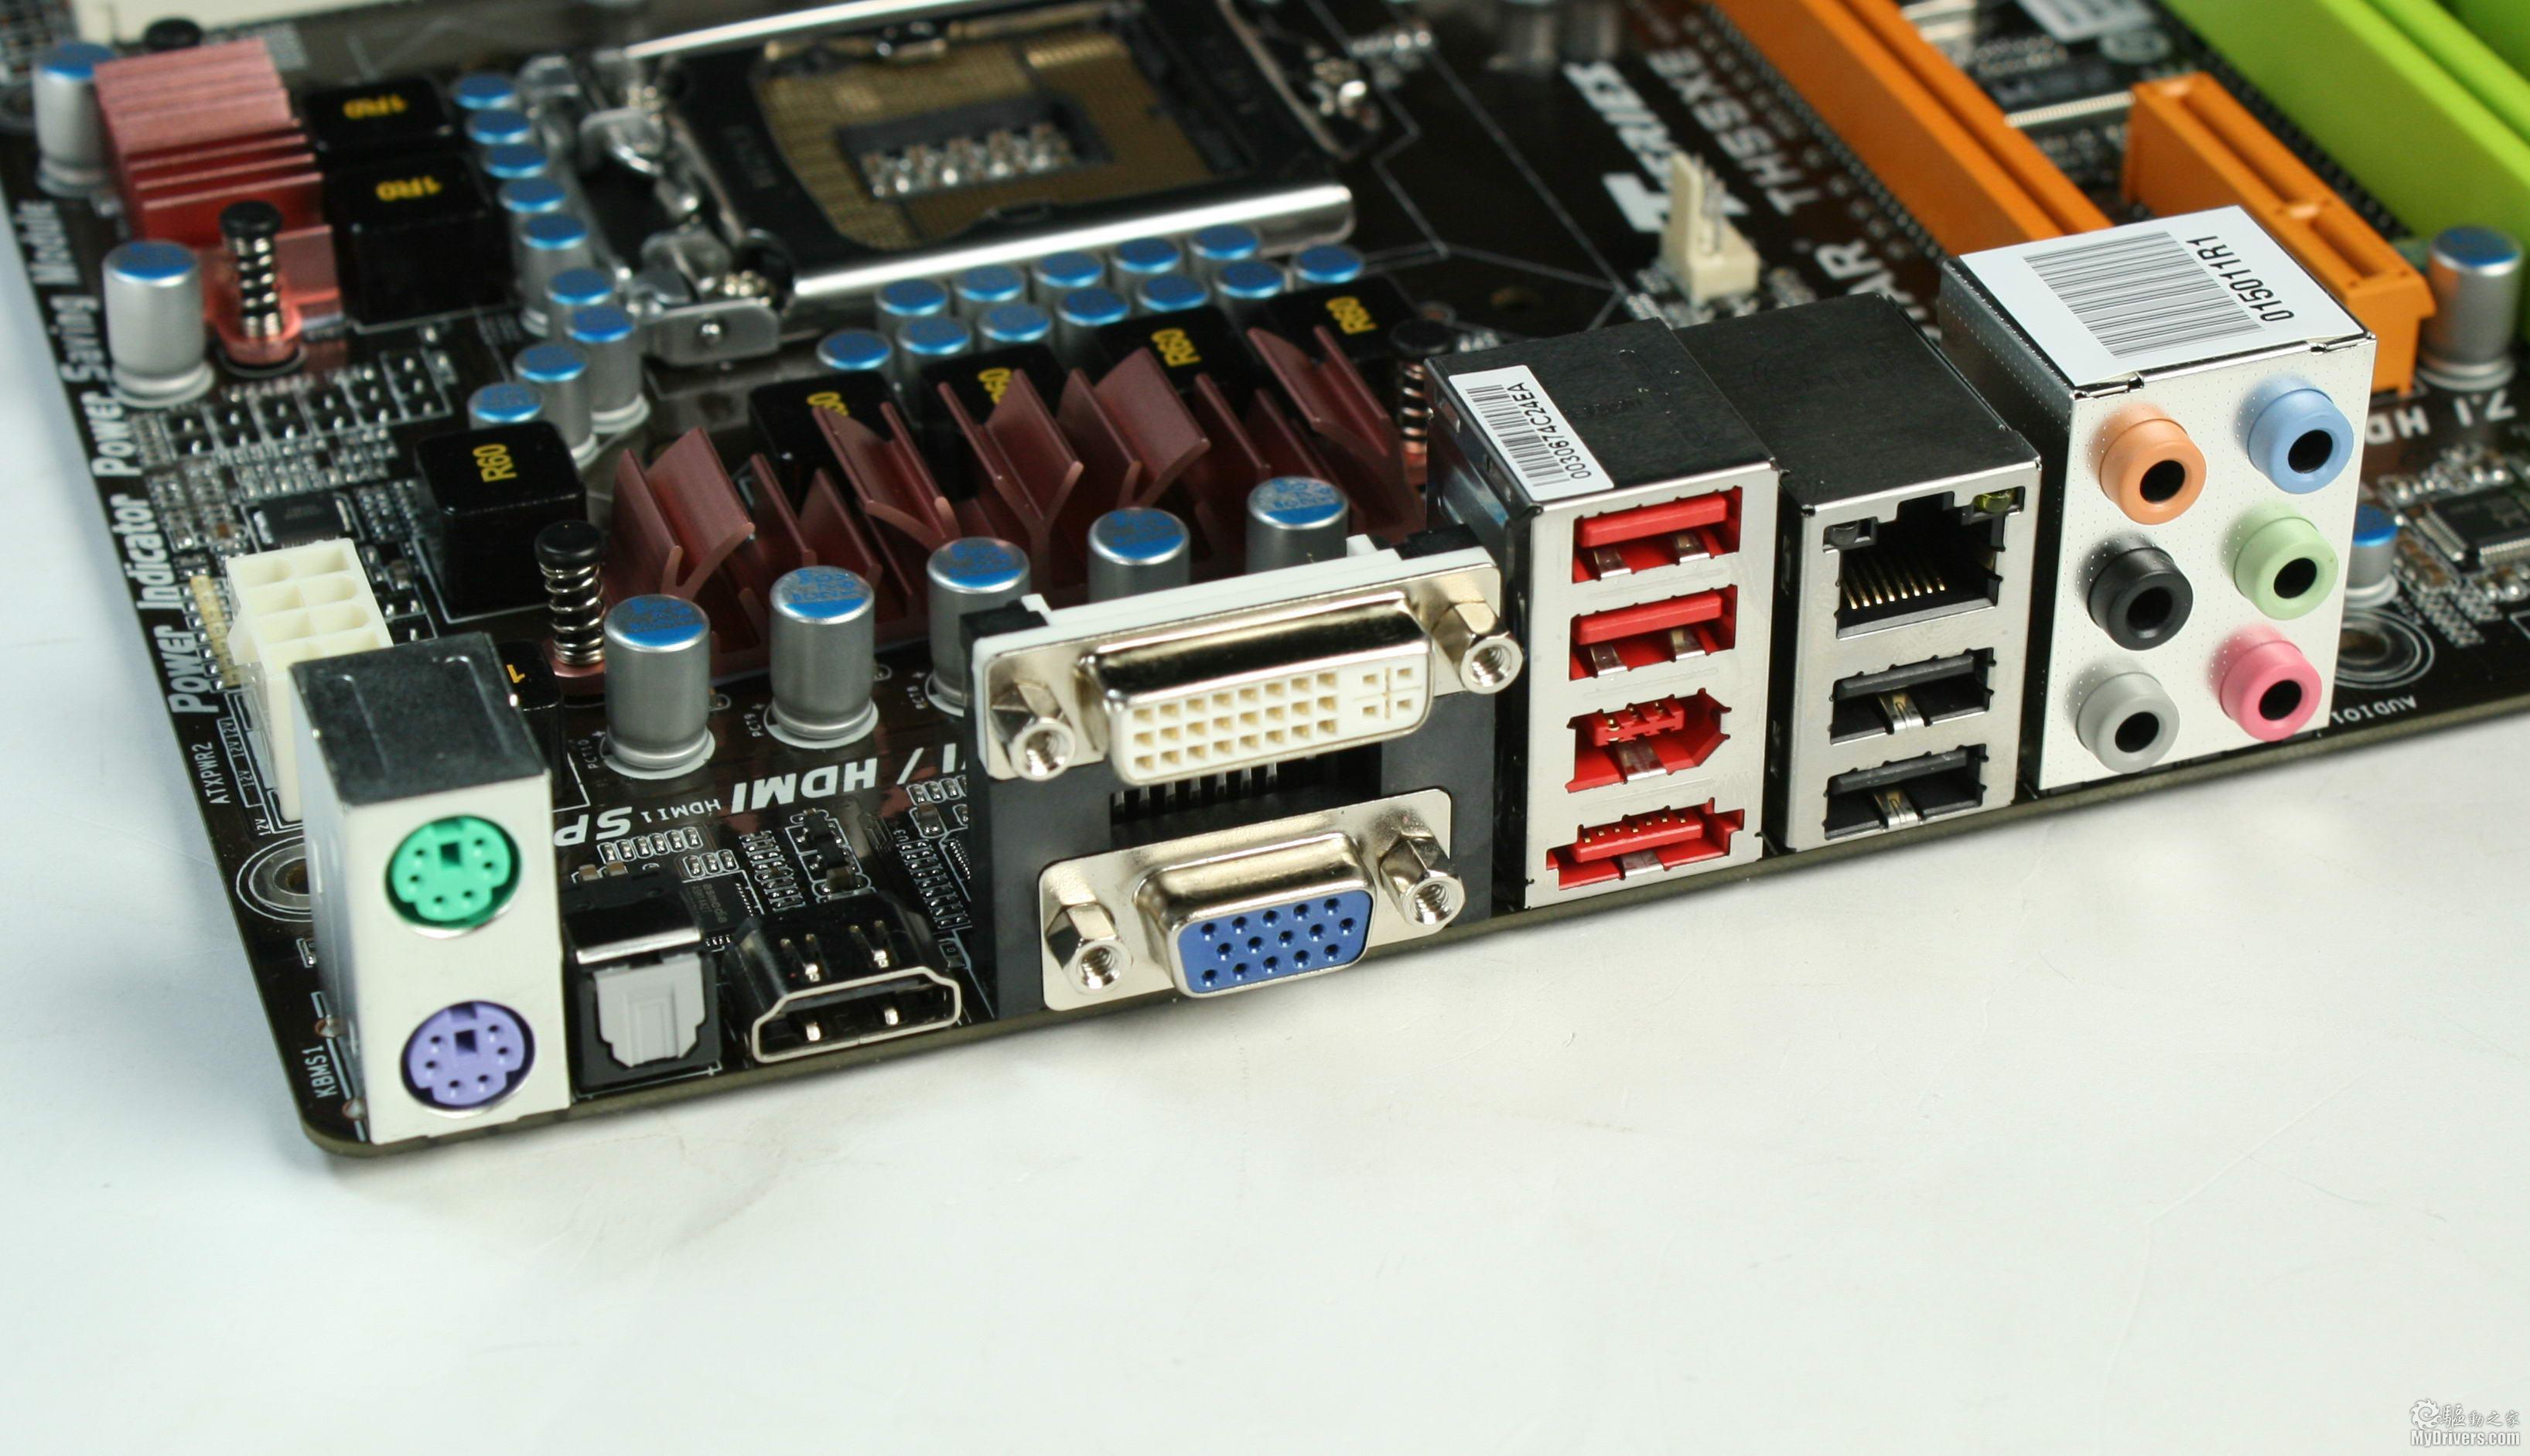 网卡芯片是rtl8111dl,支持10/100/1000mbps自适应